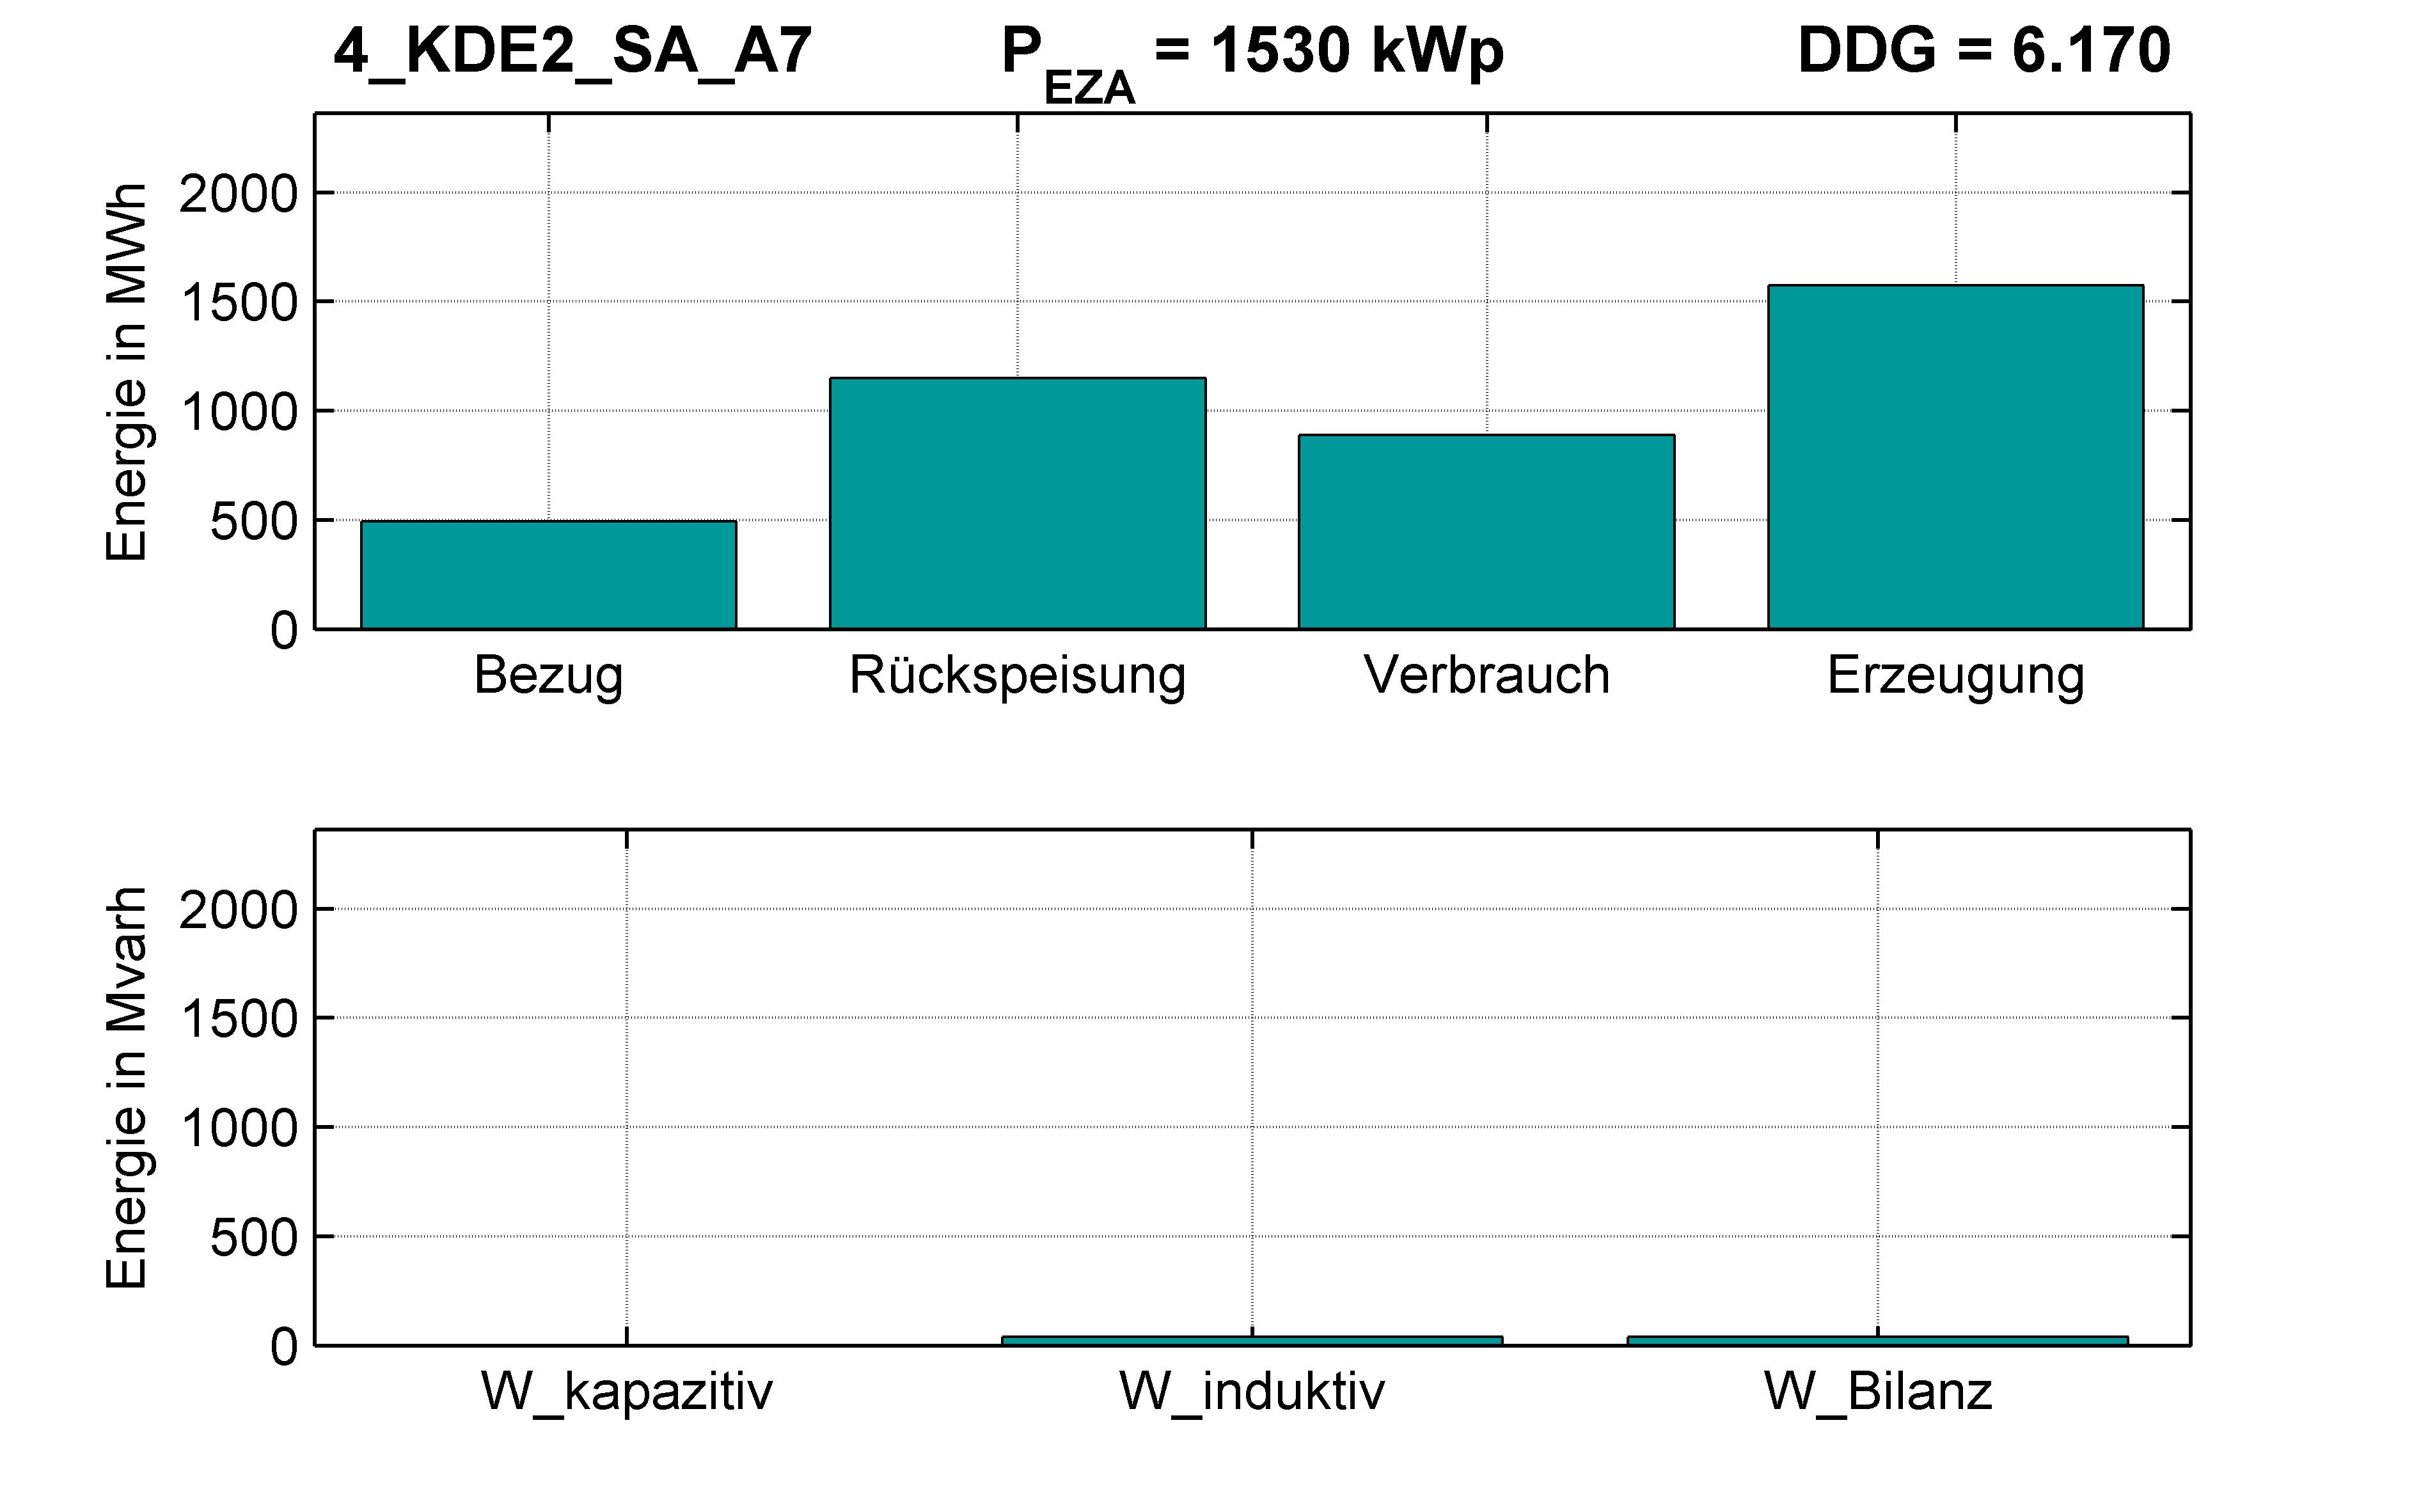 KDE2 | P-Kappung 55% (SA) A7 | PQ-Bilanz